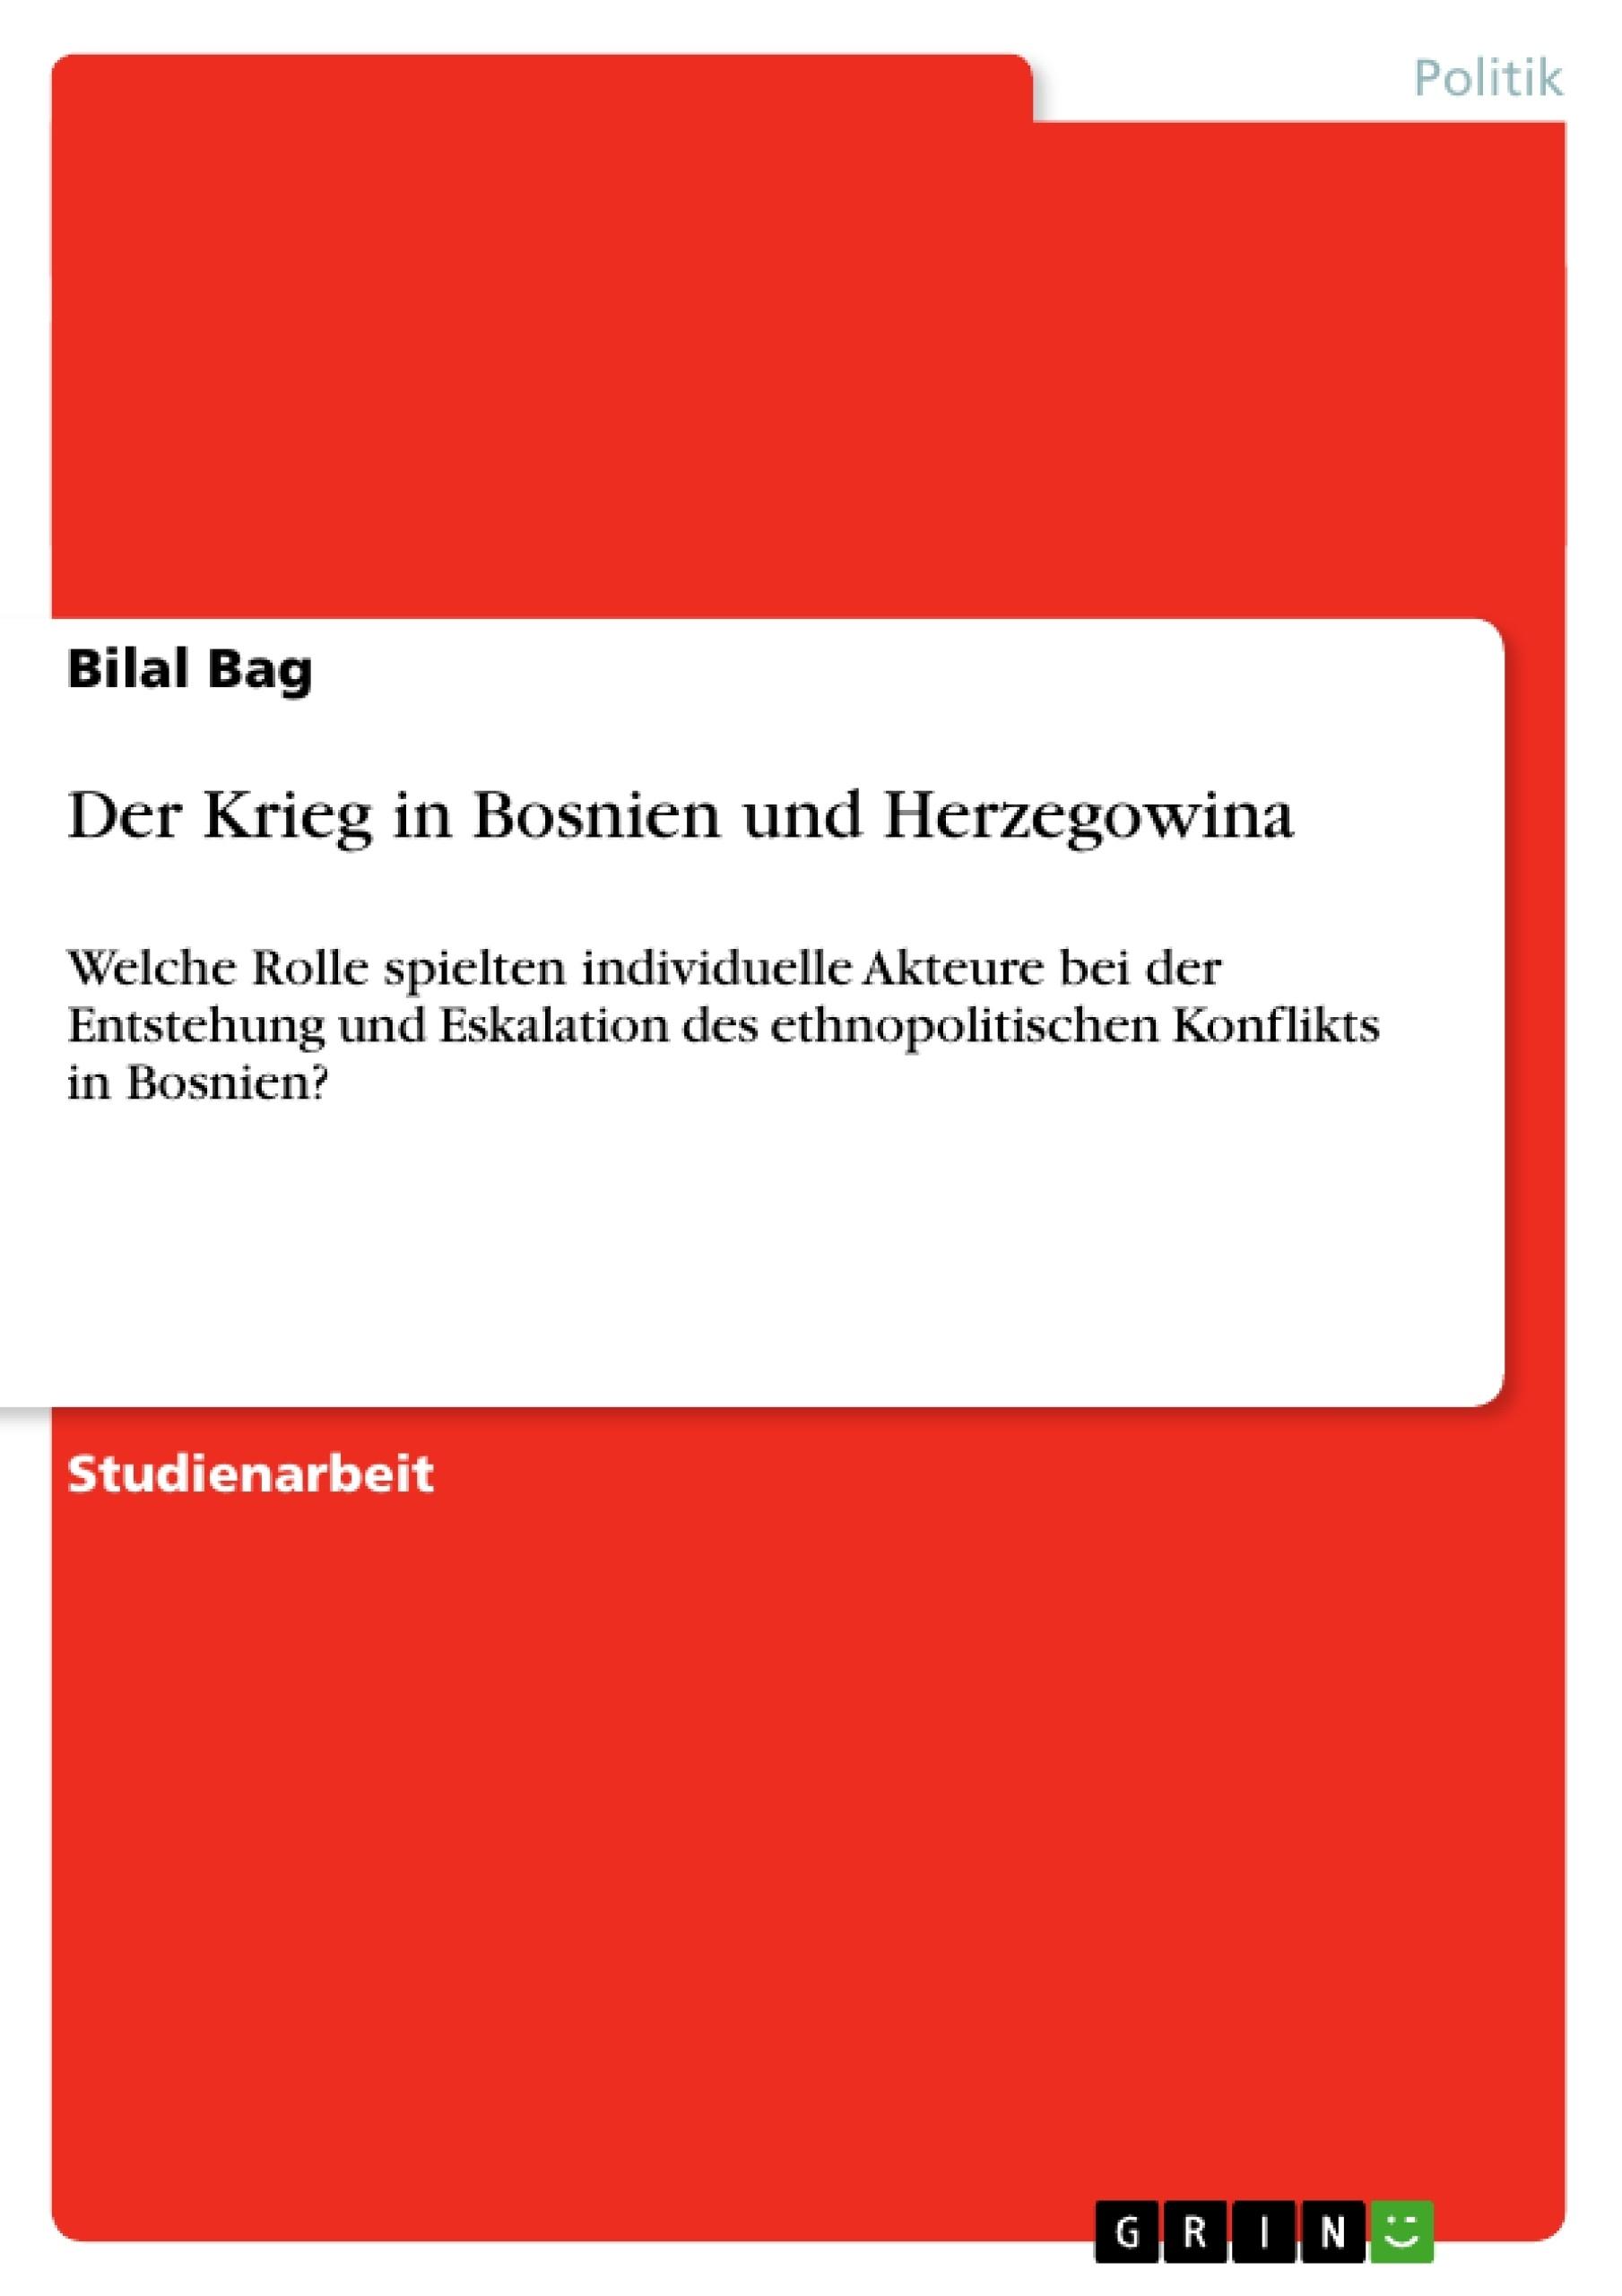 Titel: Der Krieg in Bosnien und Herzegowina